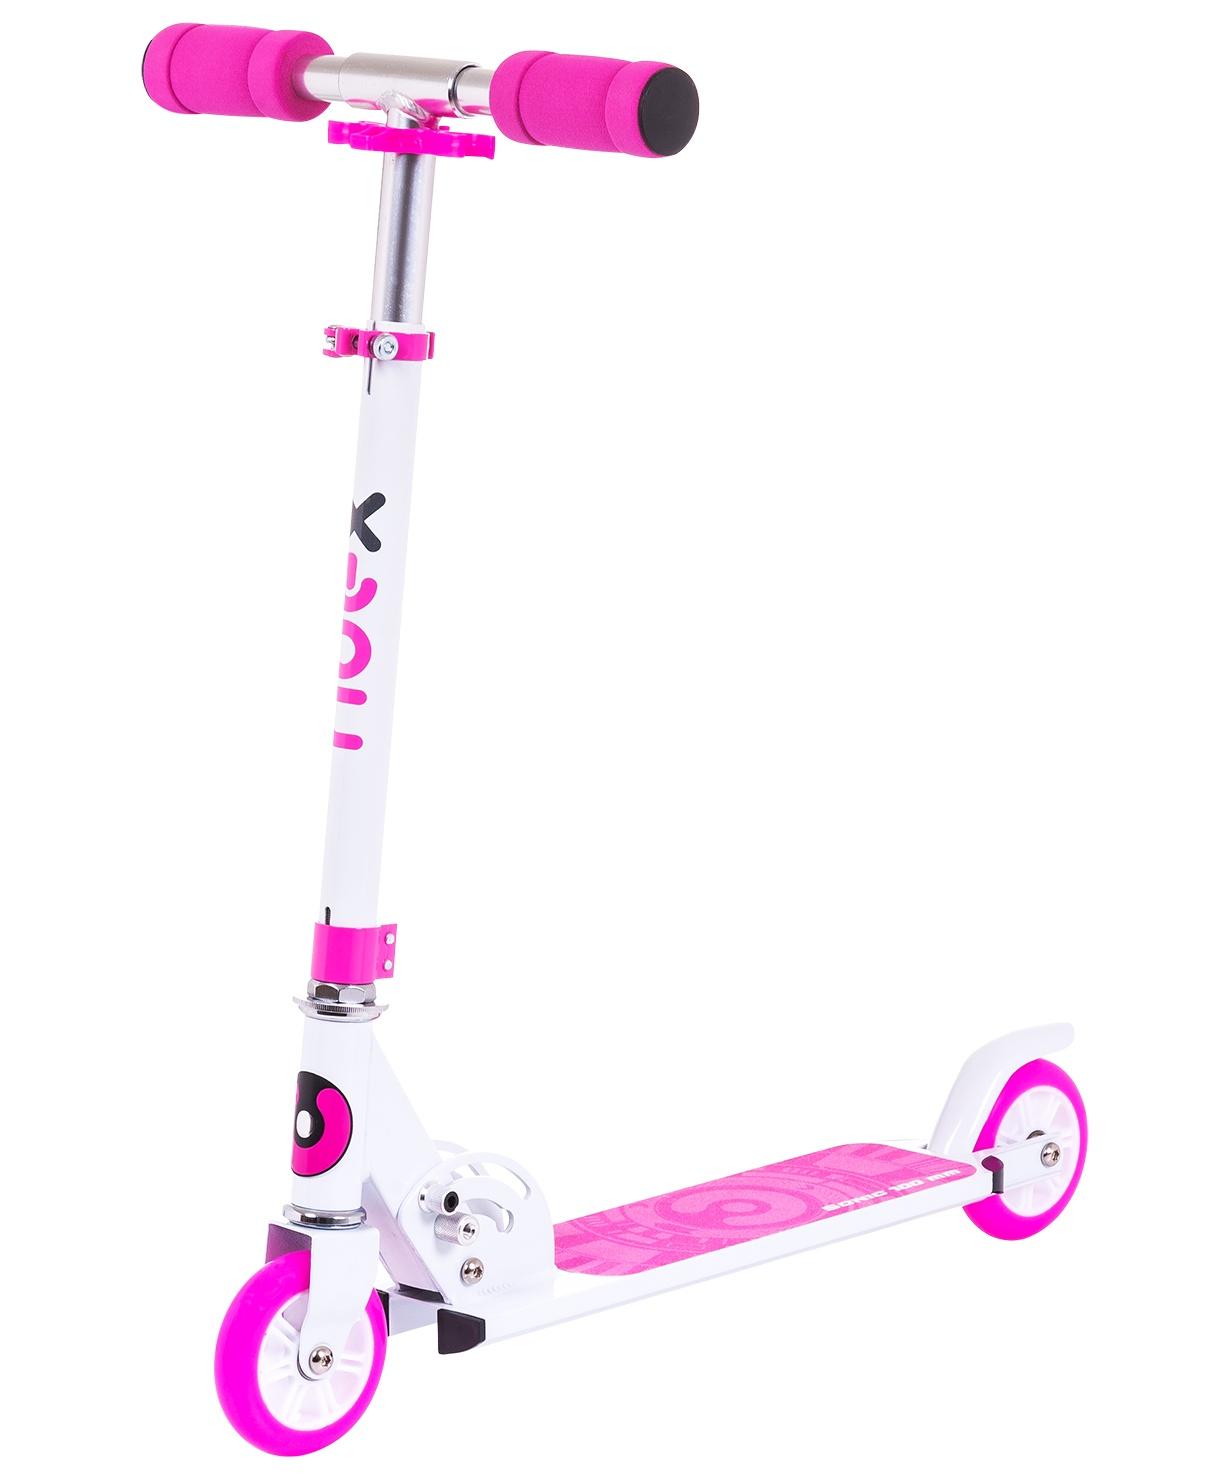 Самокат Ridex 2-колесный Sonic, 100 мм, розовый самокат ridex syndicate 2 колесный цвет красный